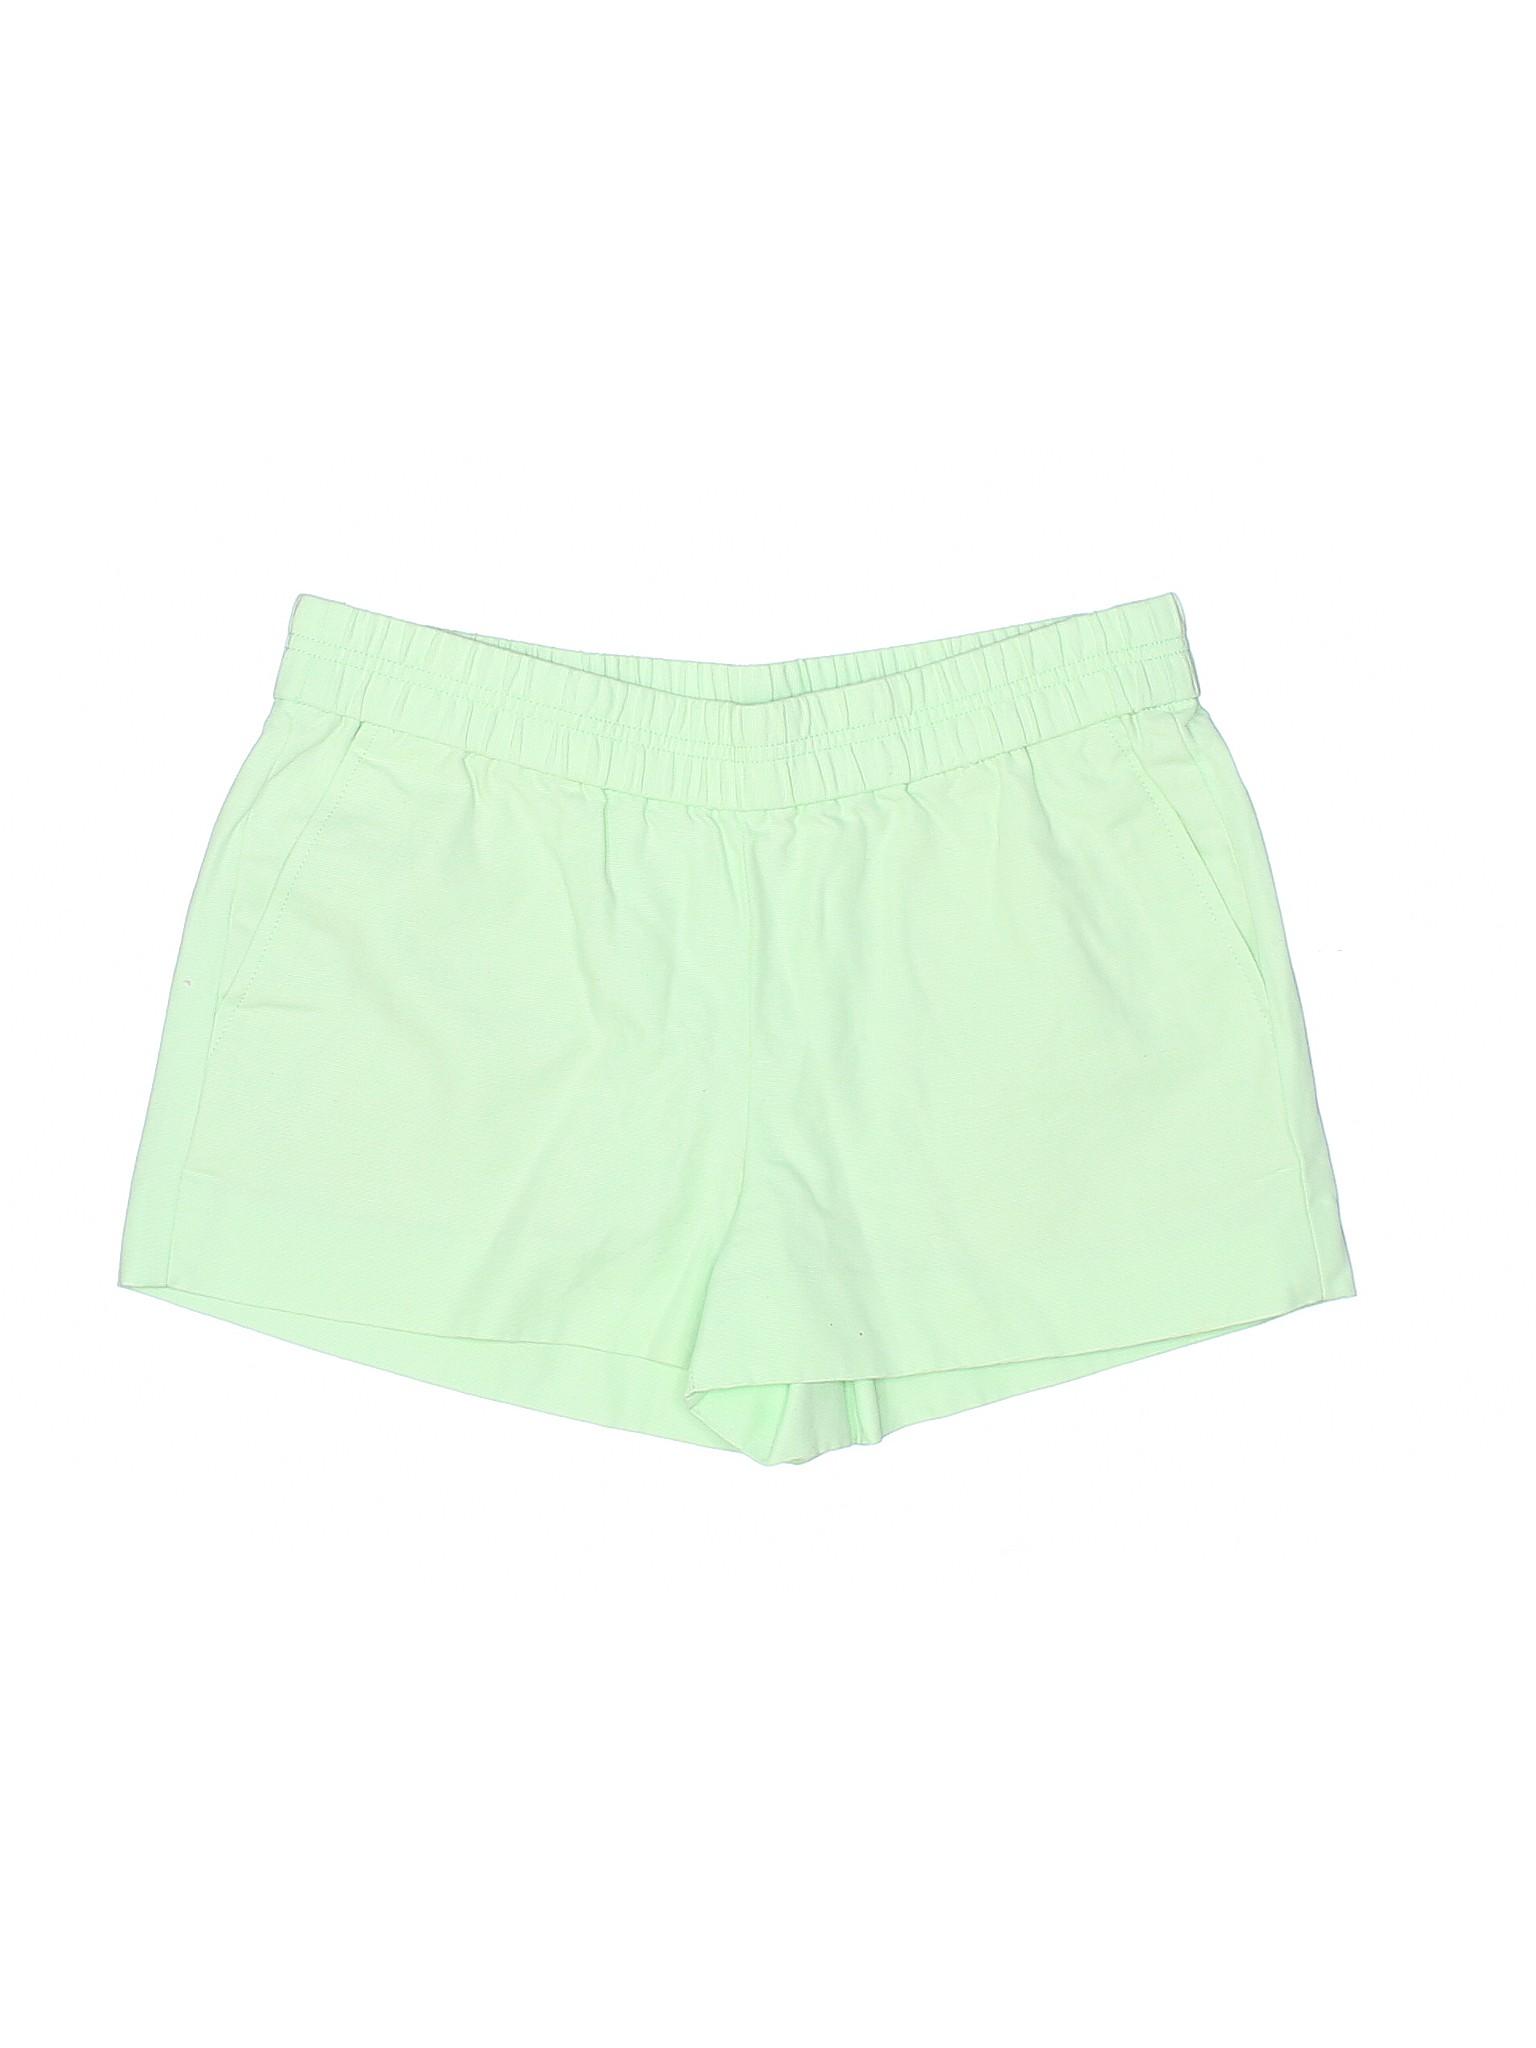 Crew Boutique Store J Shorts Factory 866z1Bwq